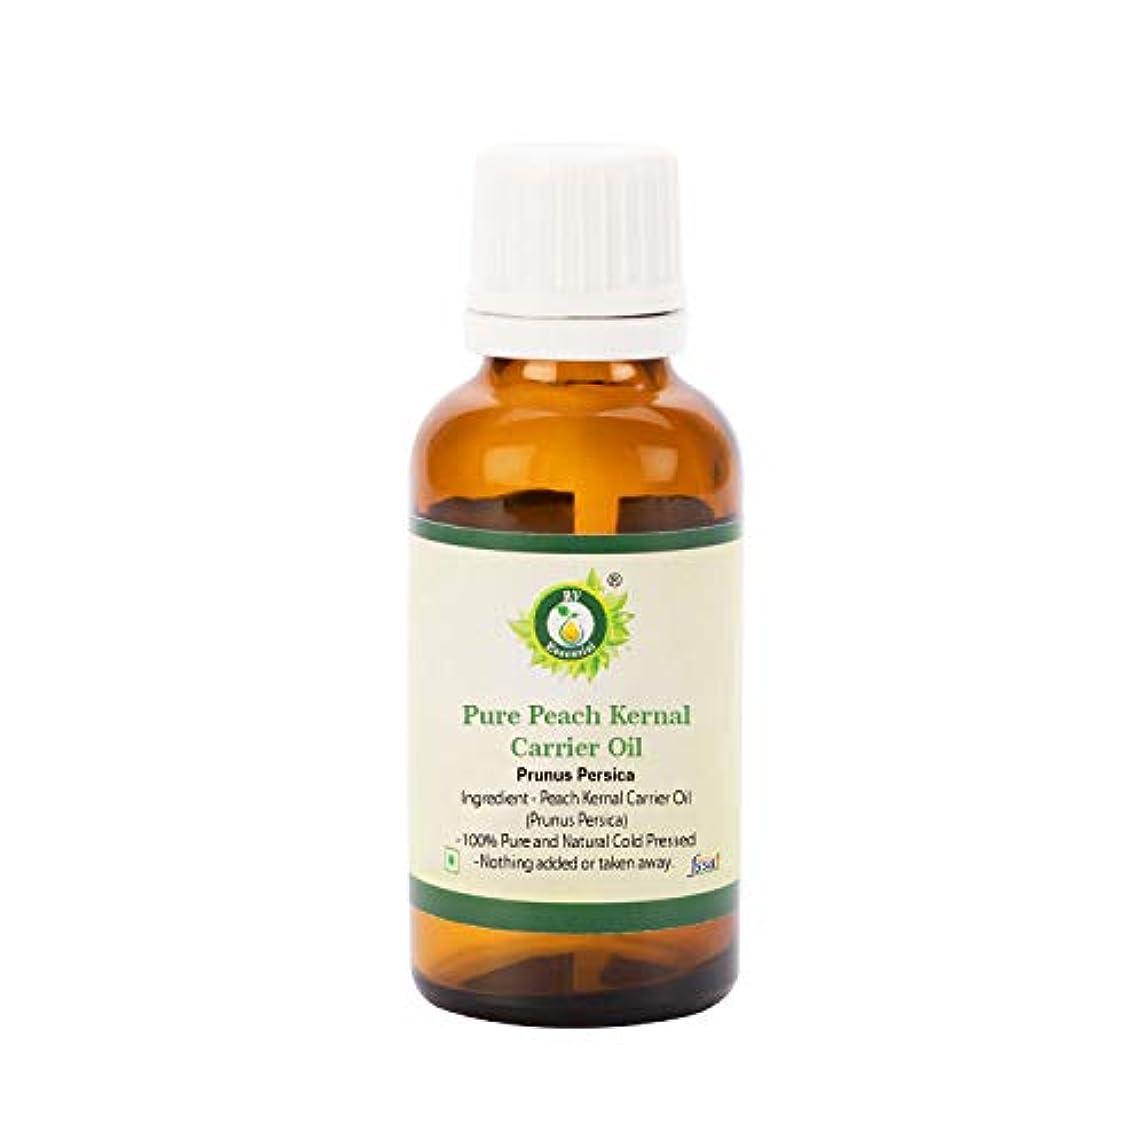 アラスカ命令助けになるR V Essential ピュアピーチ Kernalキャリアオイル10ml (0.338oz)- Prunus Persica (100%ピュア&ナチュラルコールドPressed) Pure Peach Kernal...